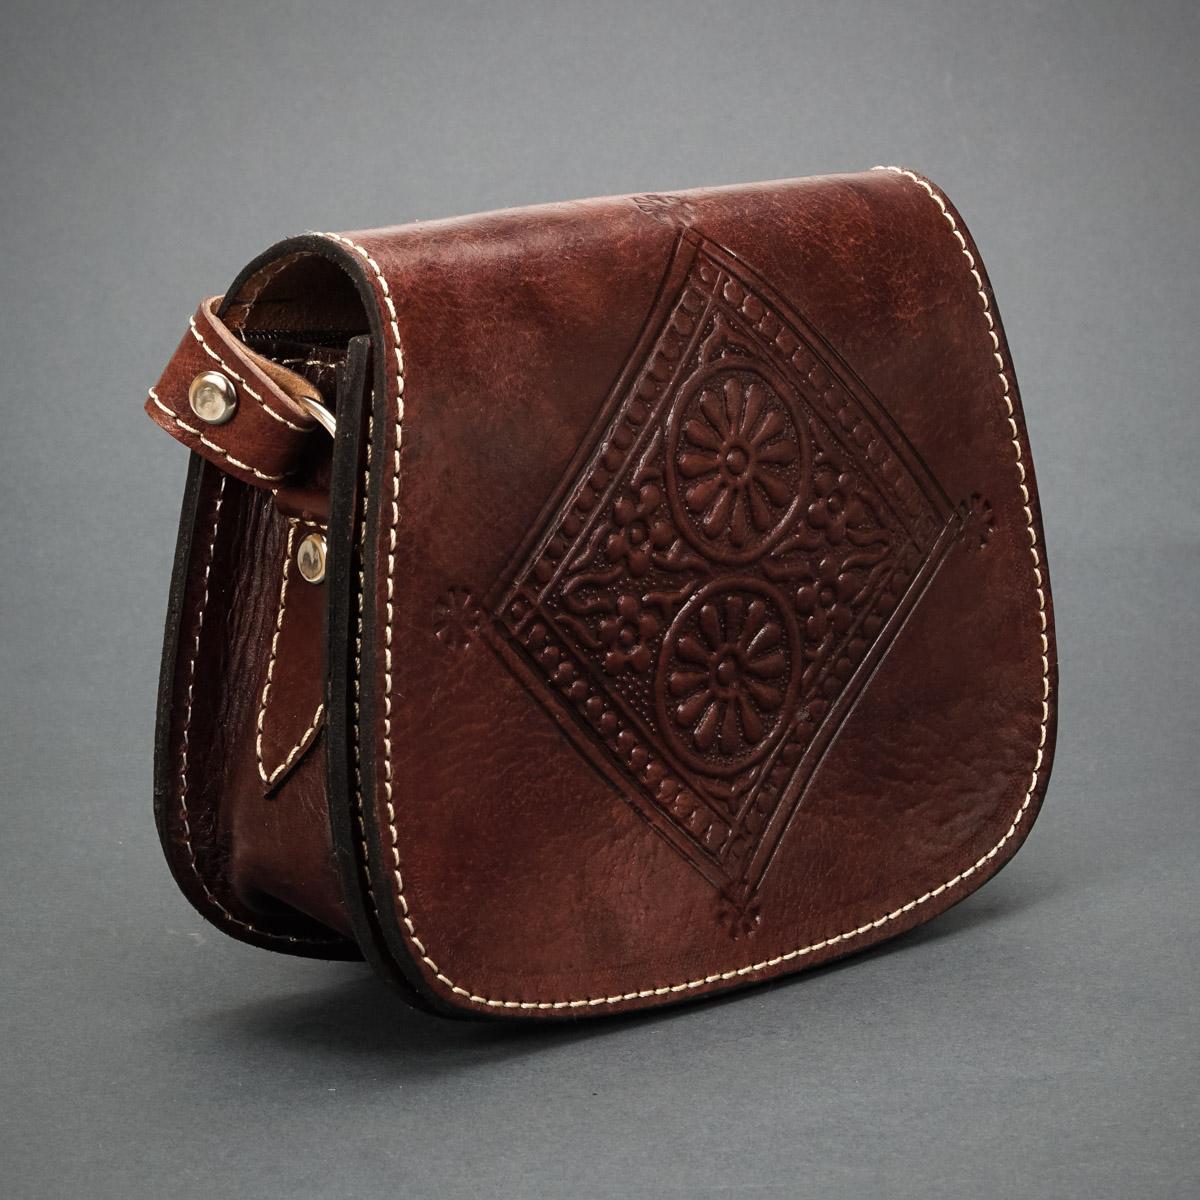 фотография сумки для женщин из натуральной кожи